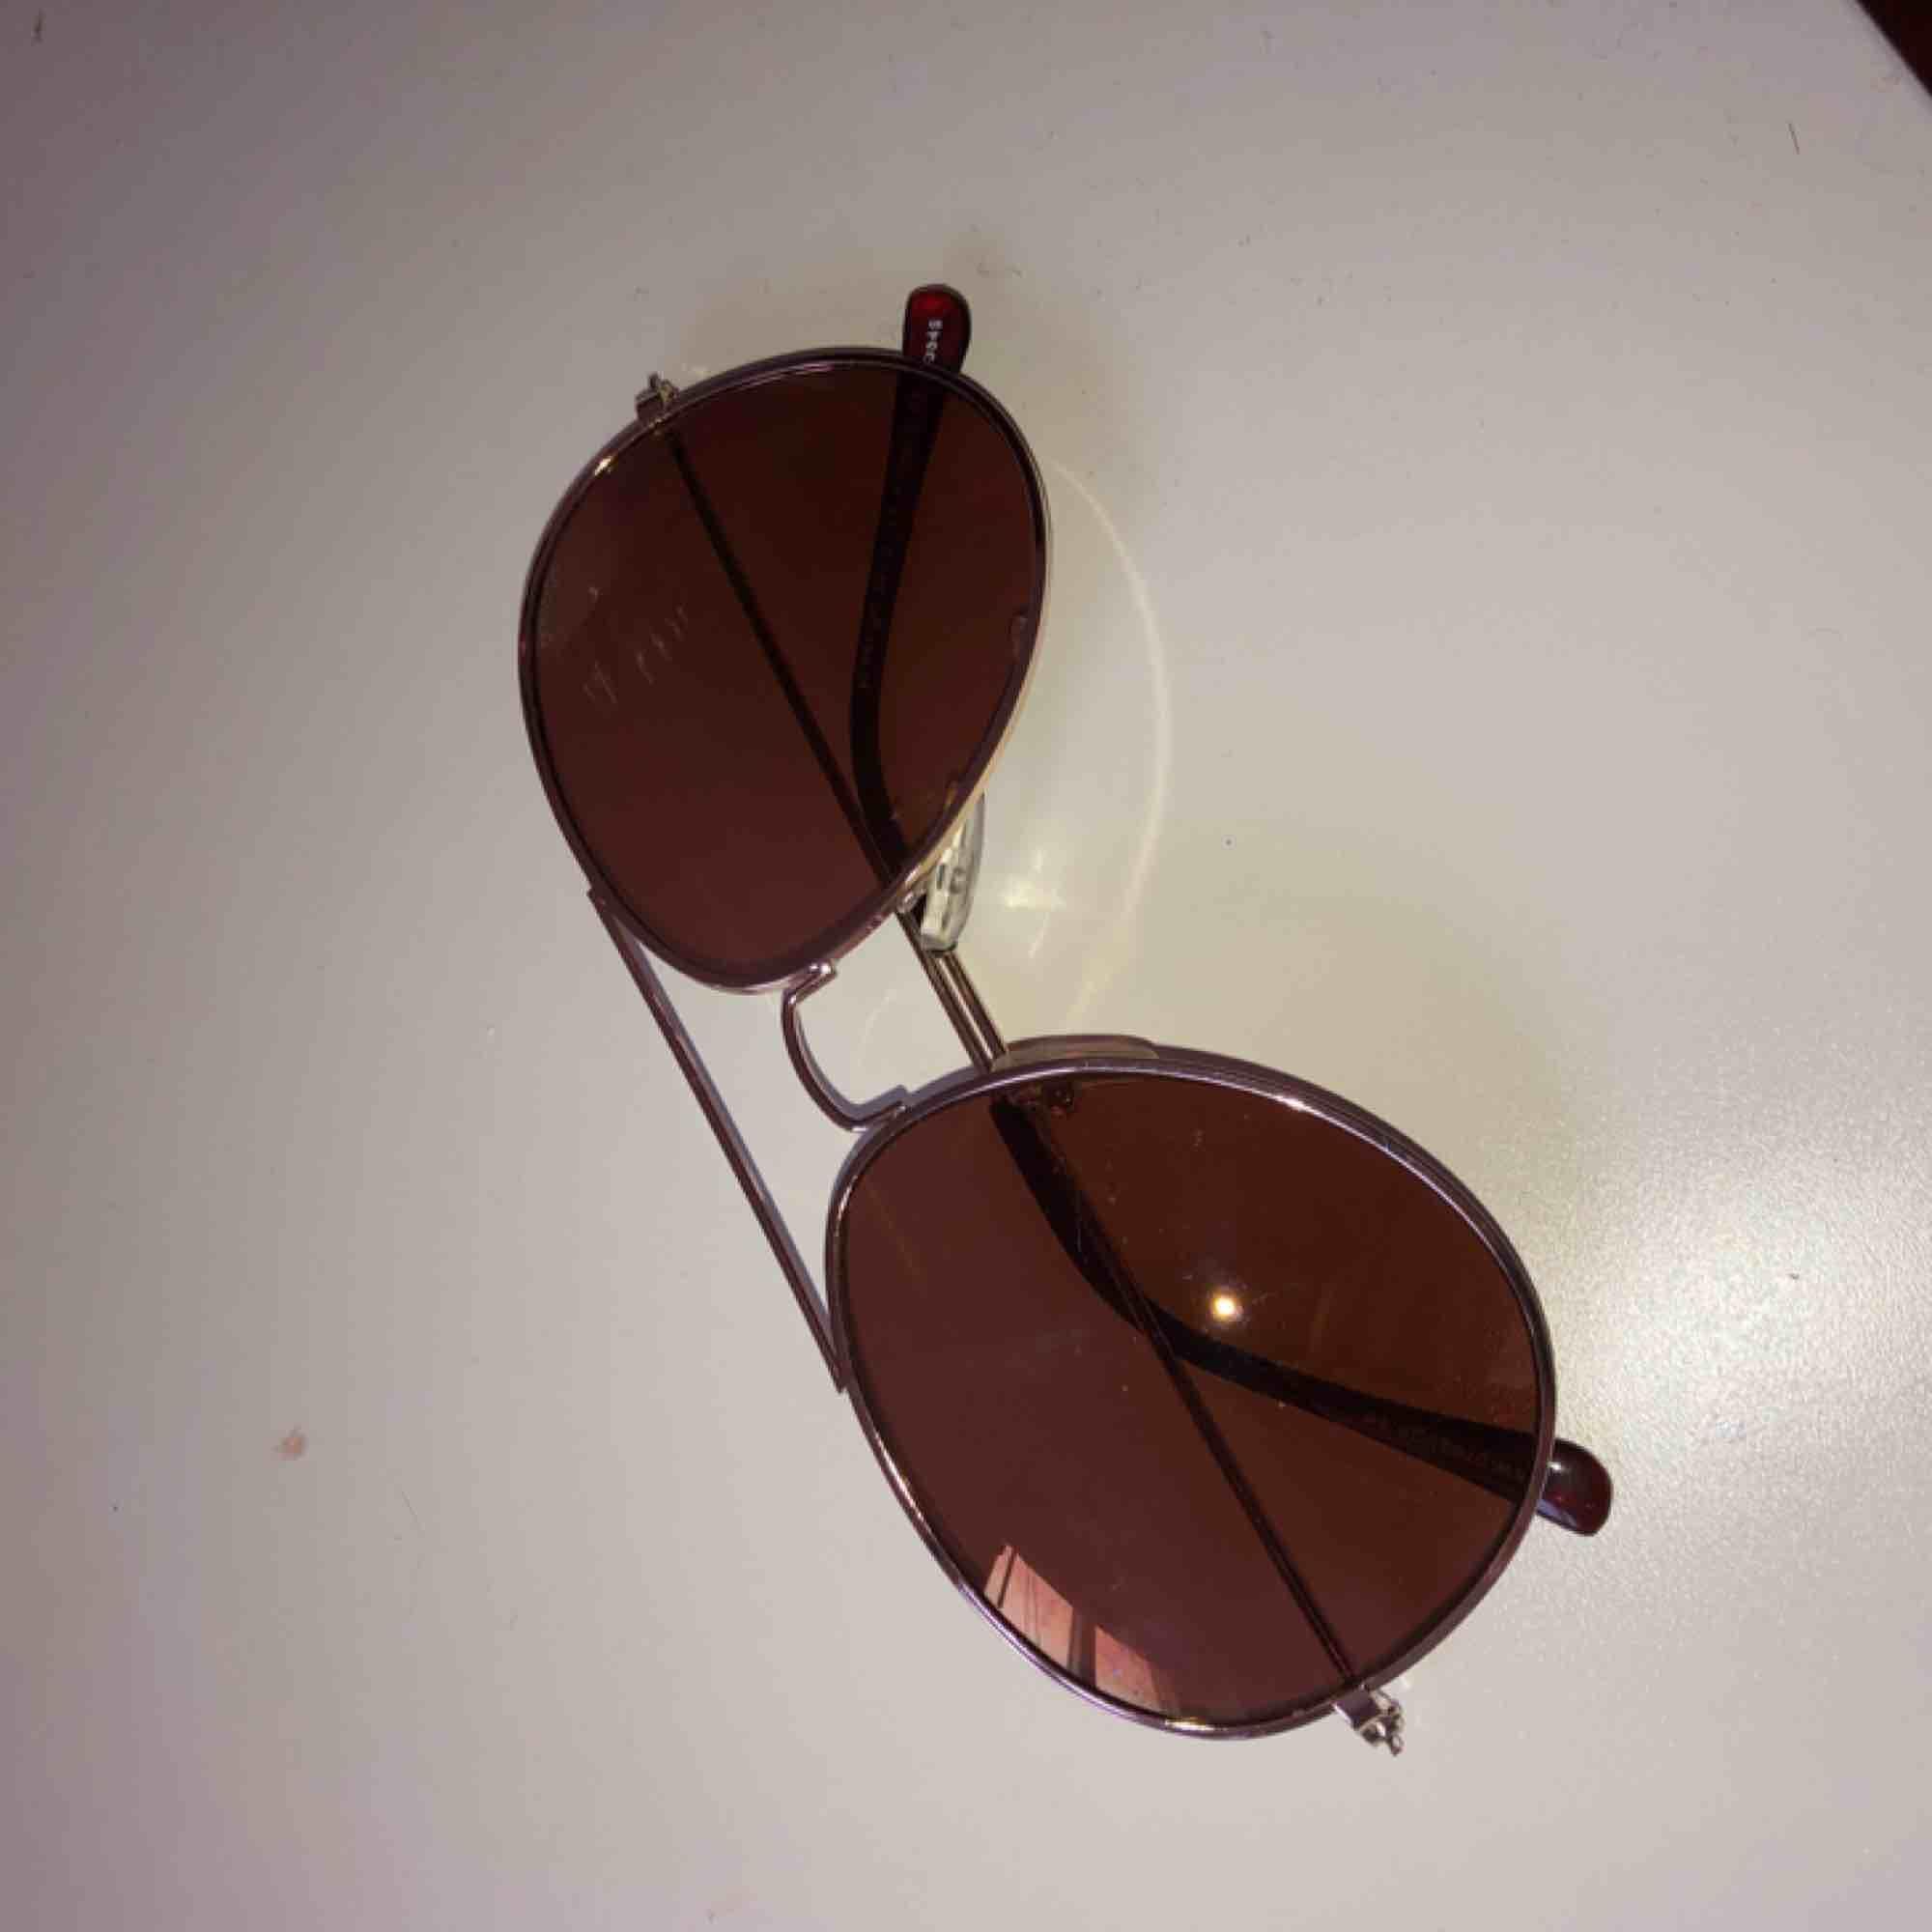 Pilotglasögon med ljust brunt glas. Silvriga bågar. Köpta på stadium märket prestige för 299 kr. Inte använda så mycket! Frakt 10-20 kr. Accessoarer.